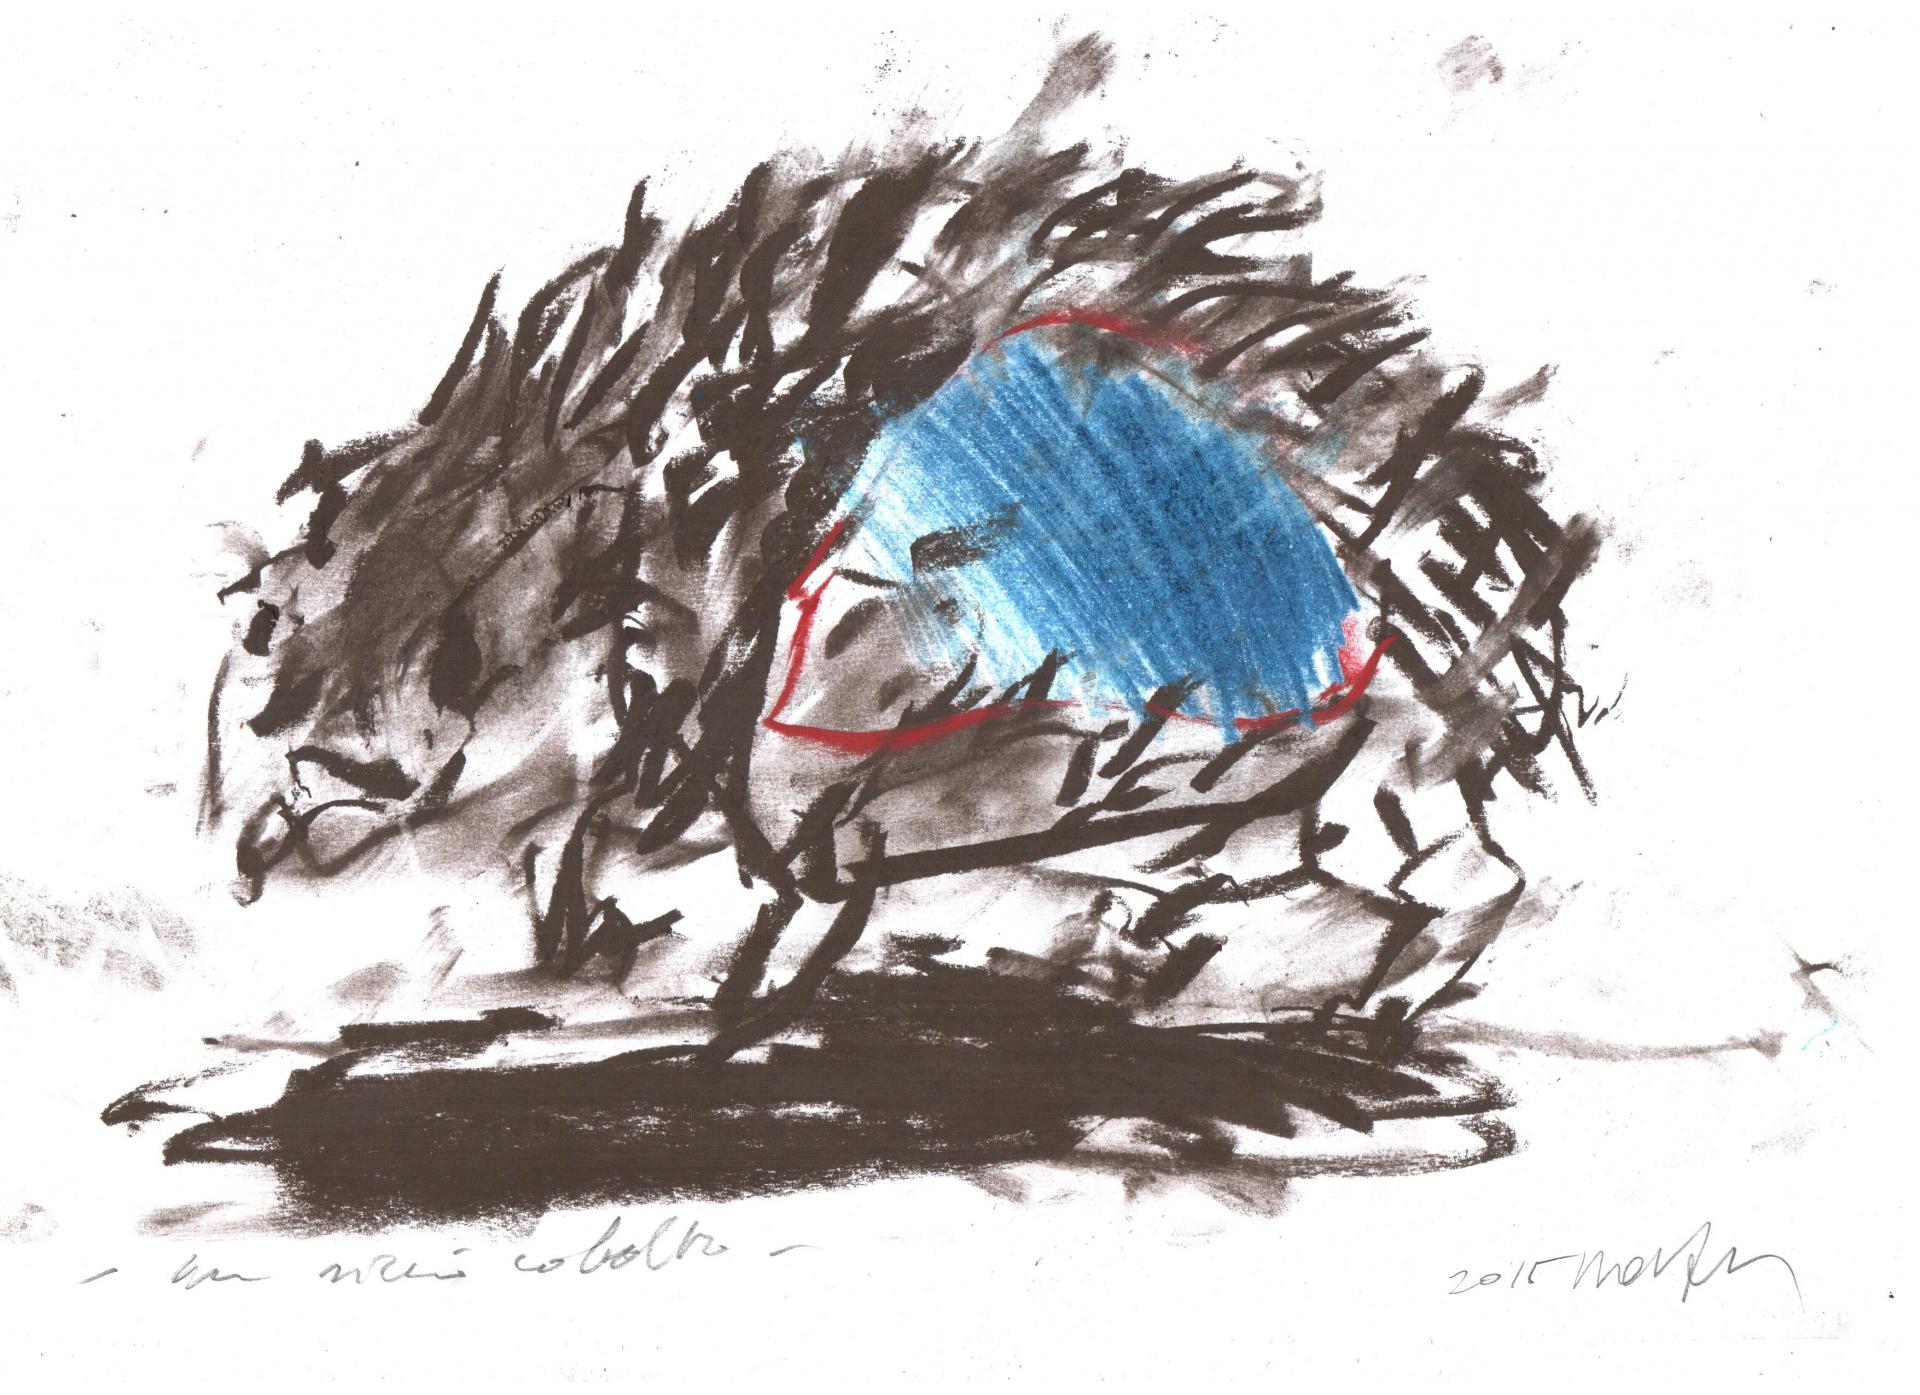 Un riccio cobalto